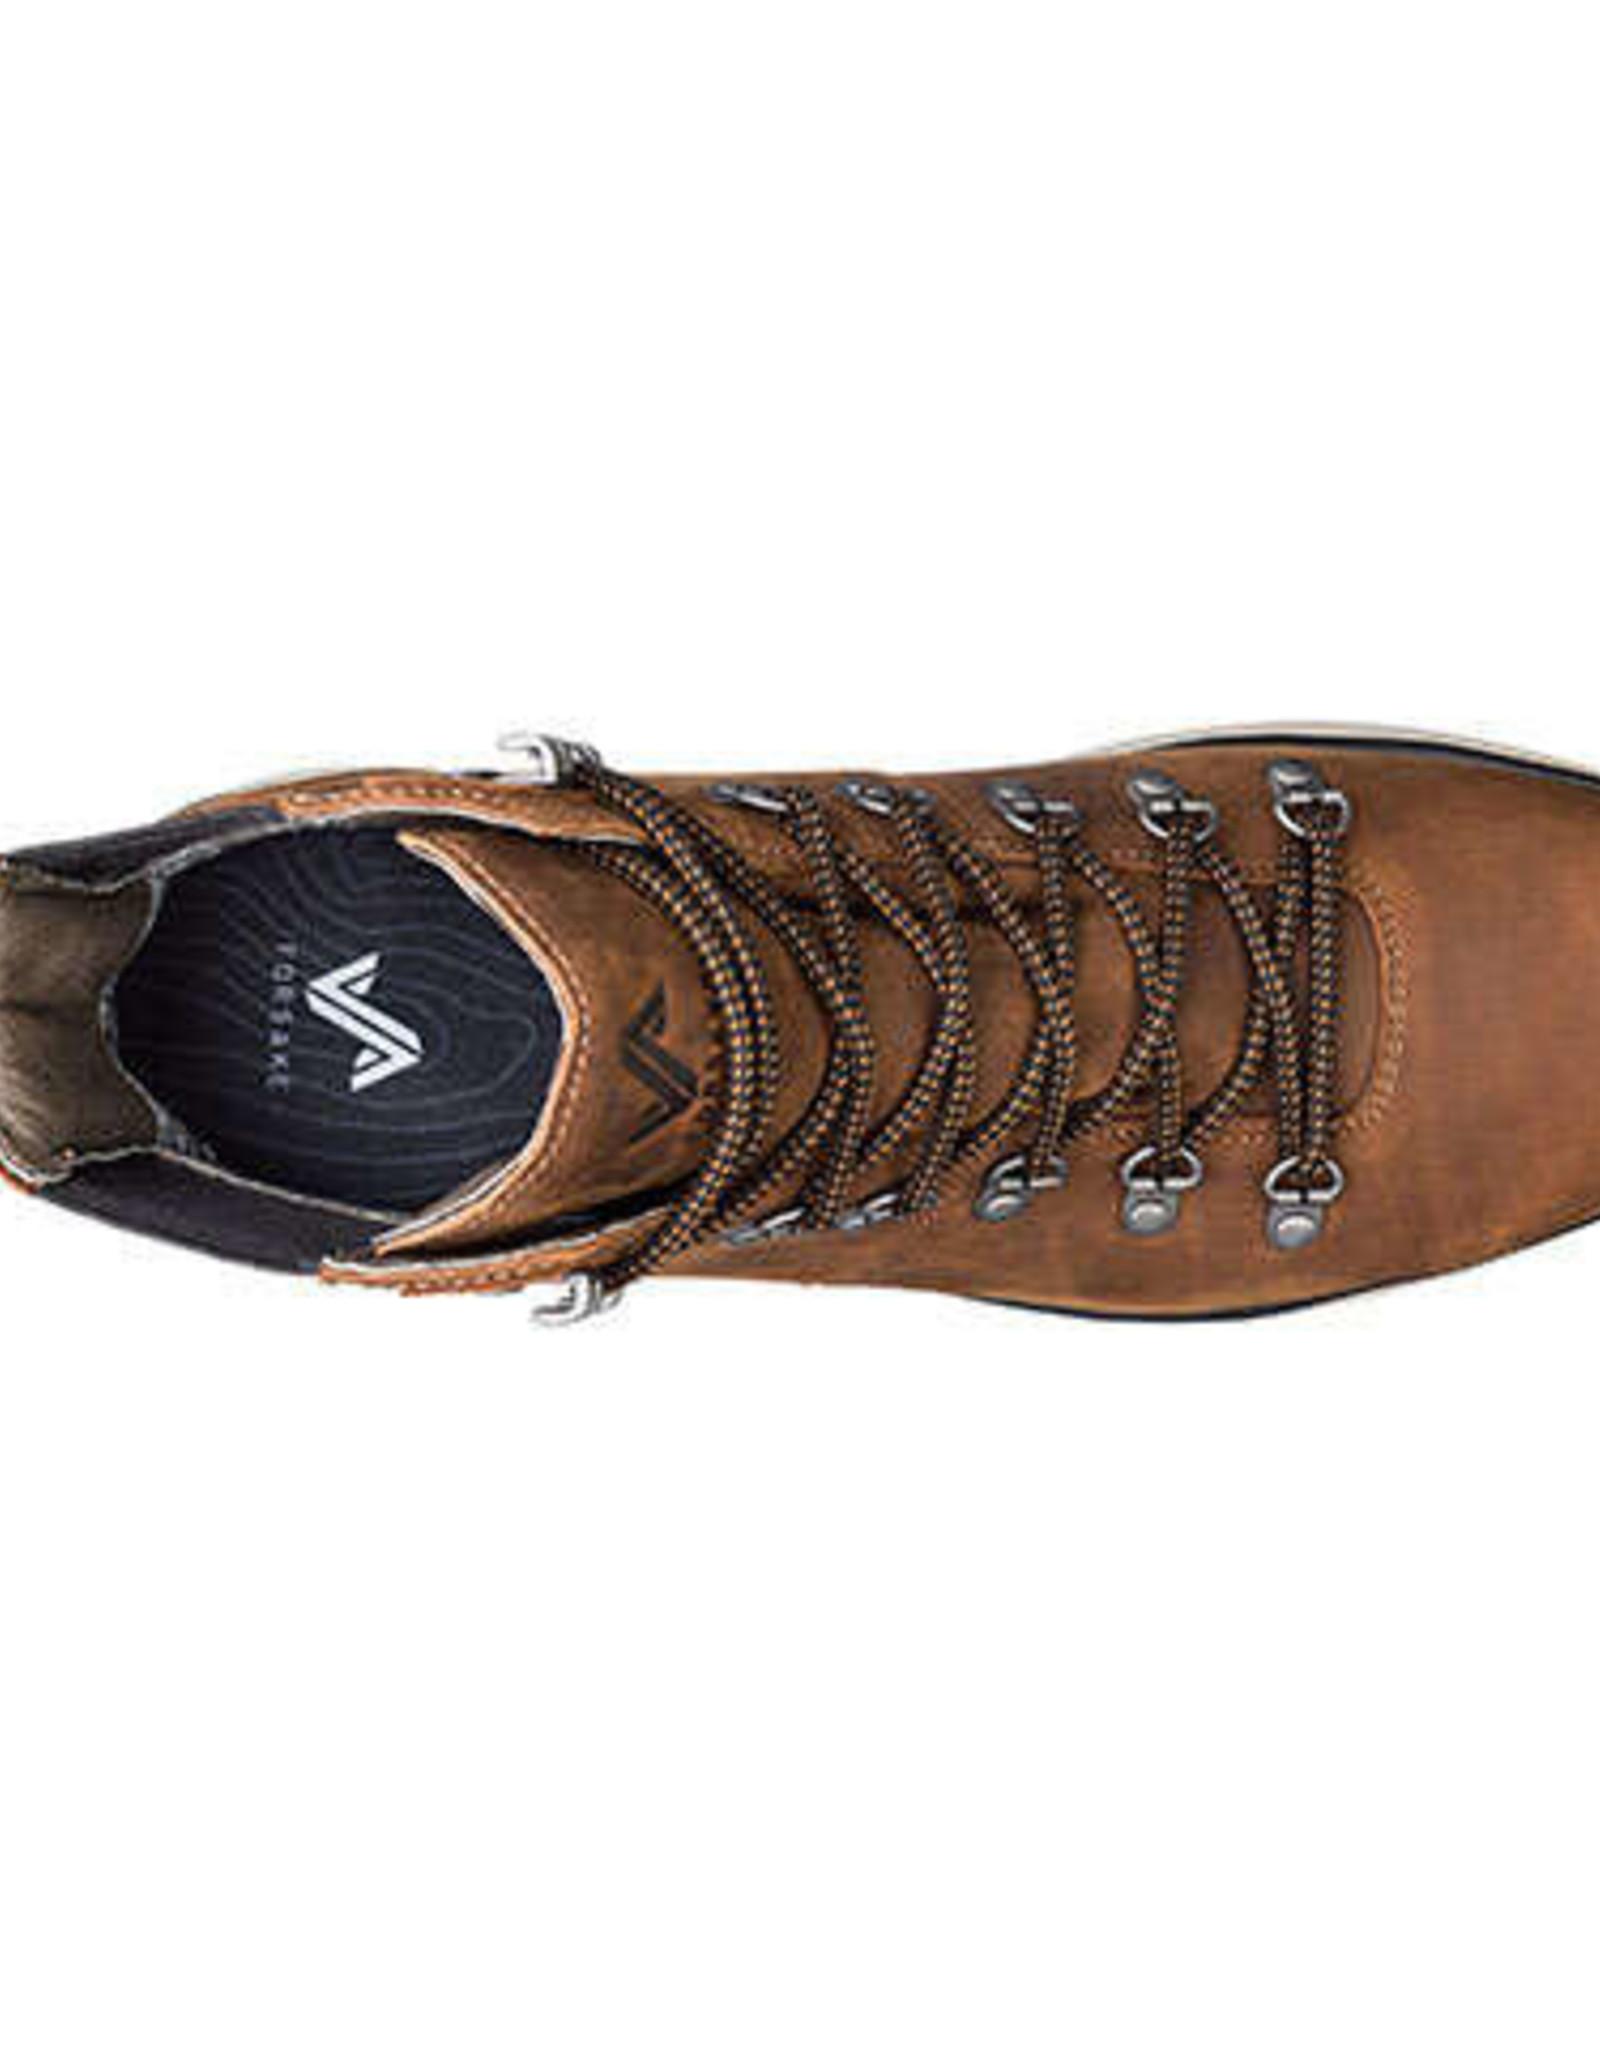 Forsake Forsake M's Davos High Boots